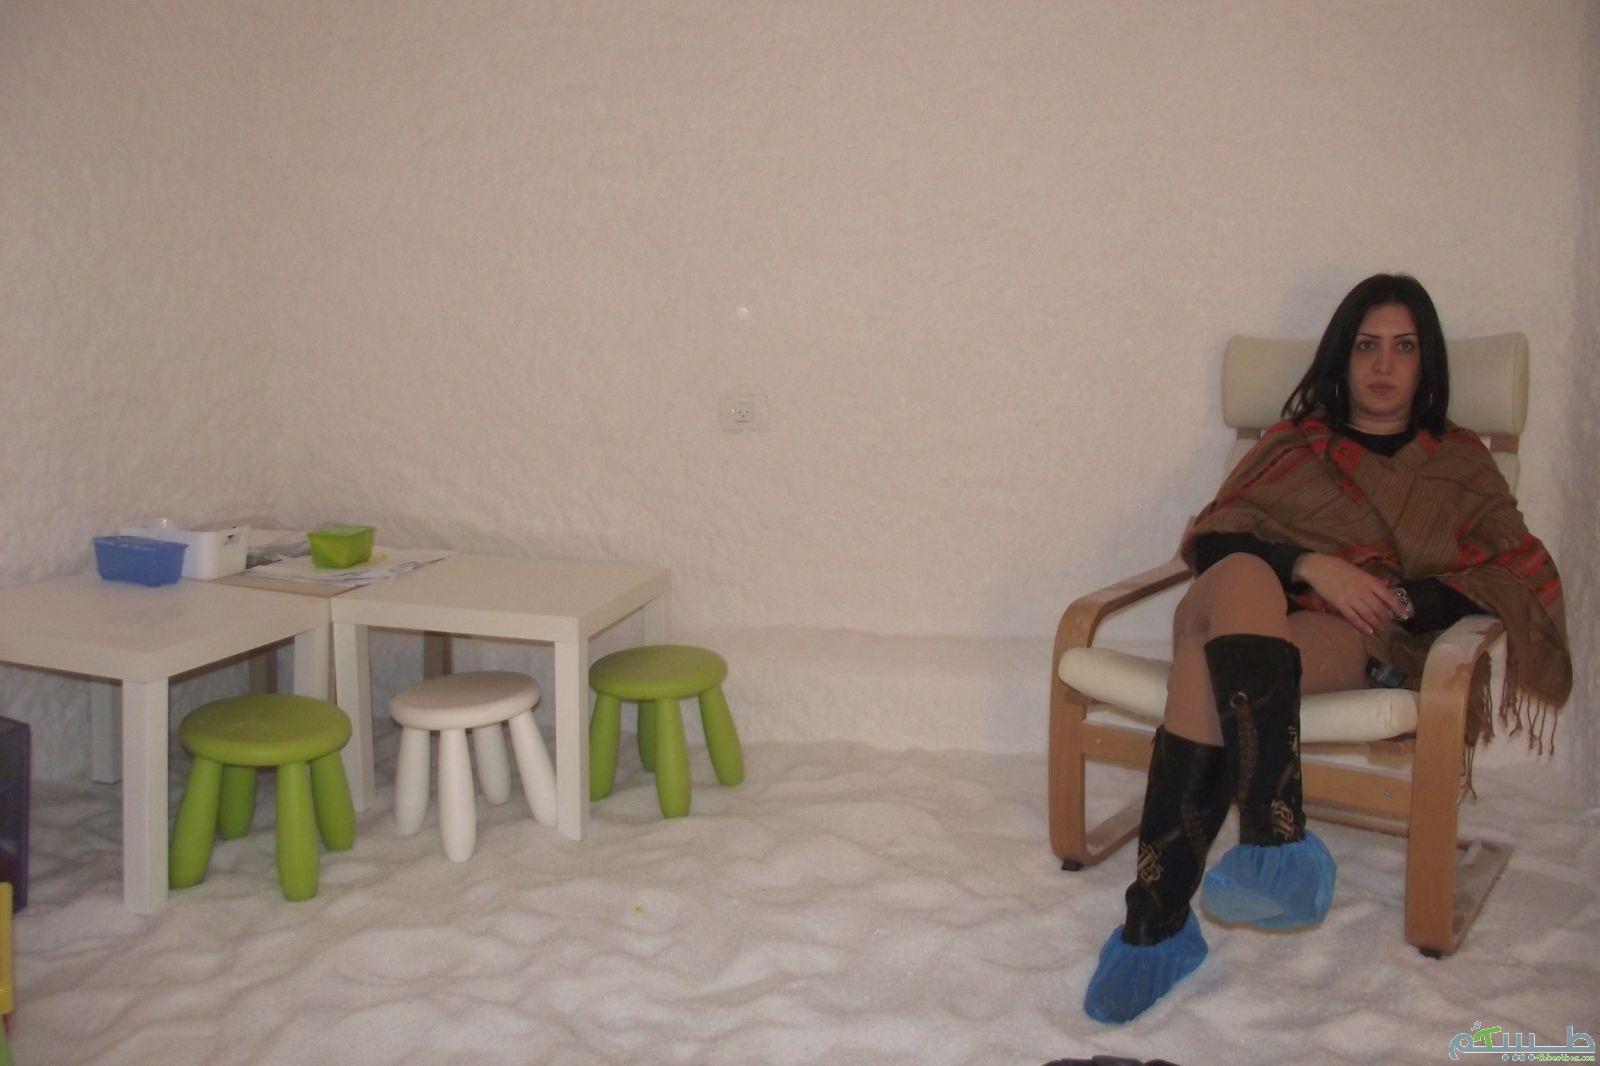 الفعالية العلاجية لغرفة الملح: الأزمة (الربو)، امراض الجلد وغيرها